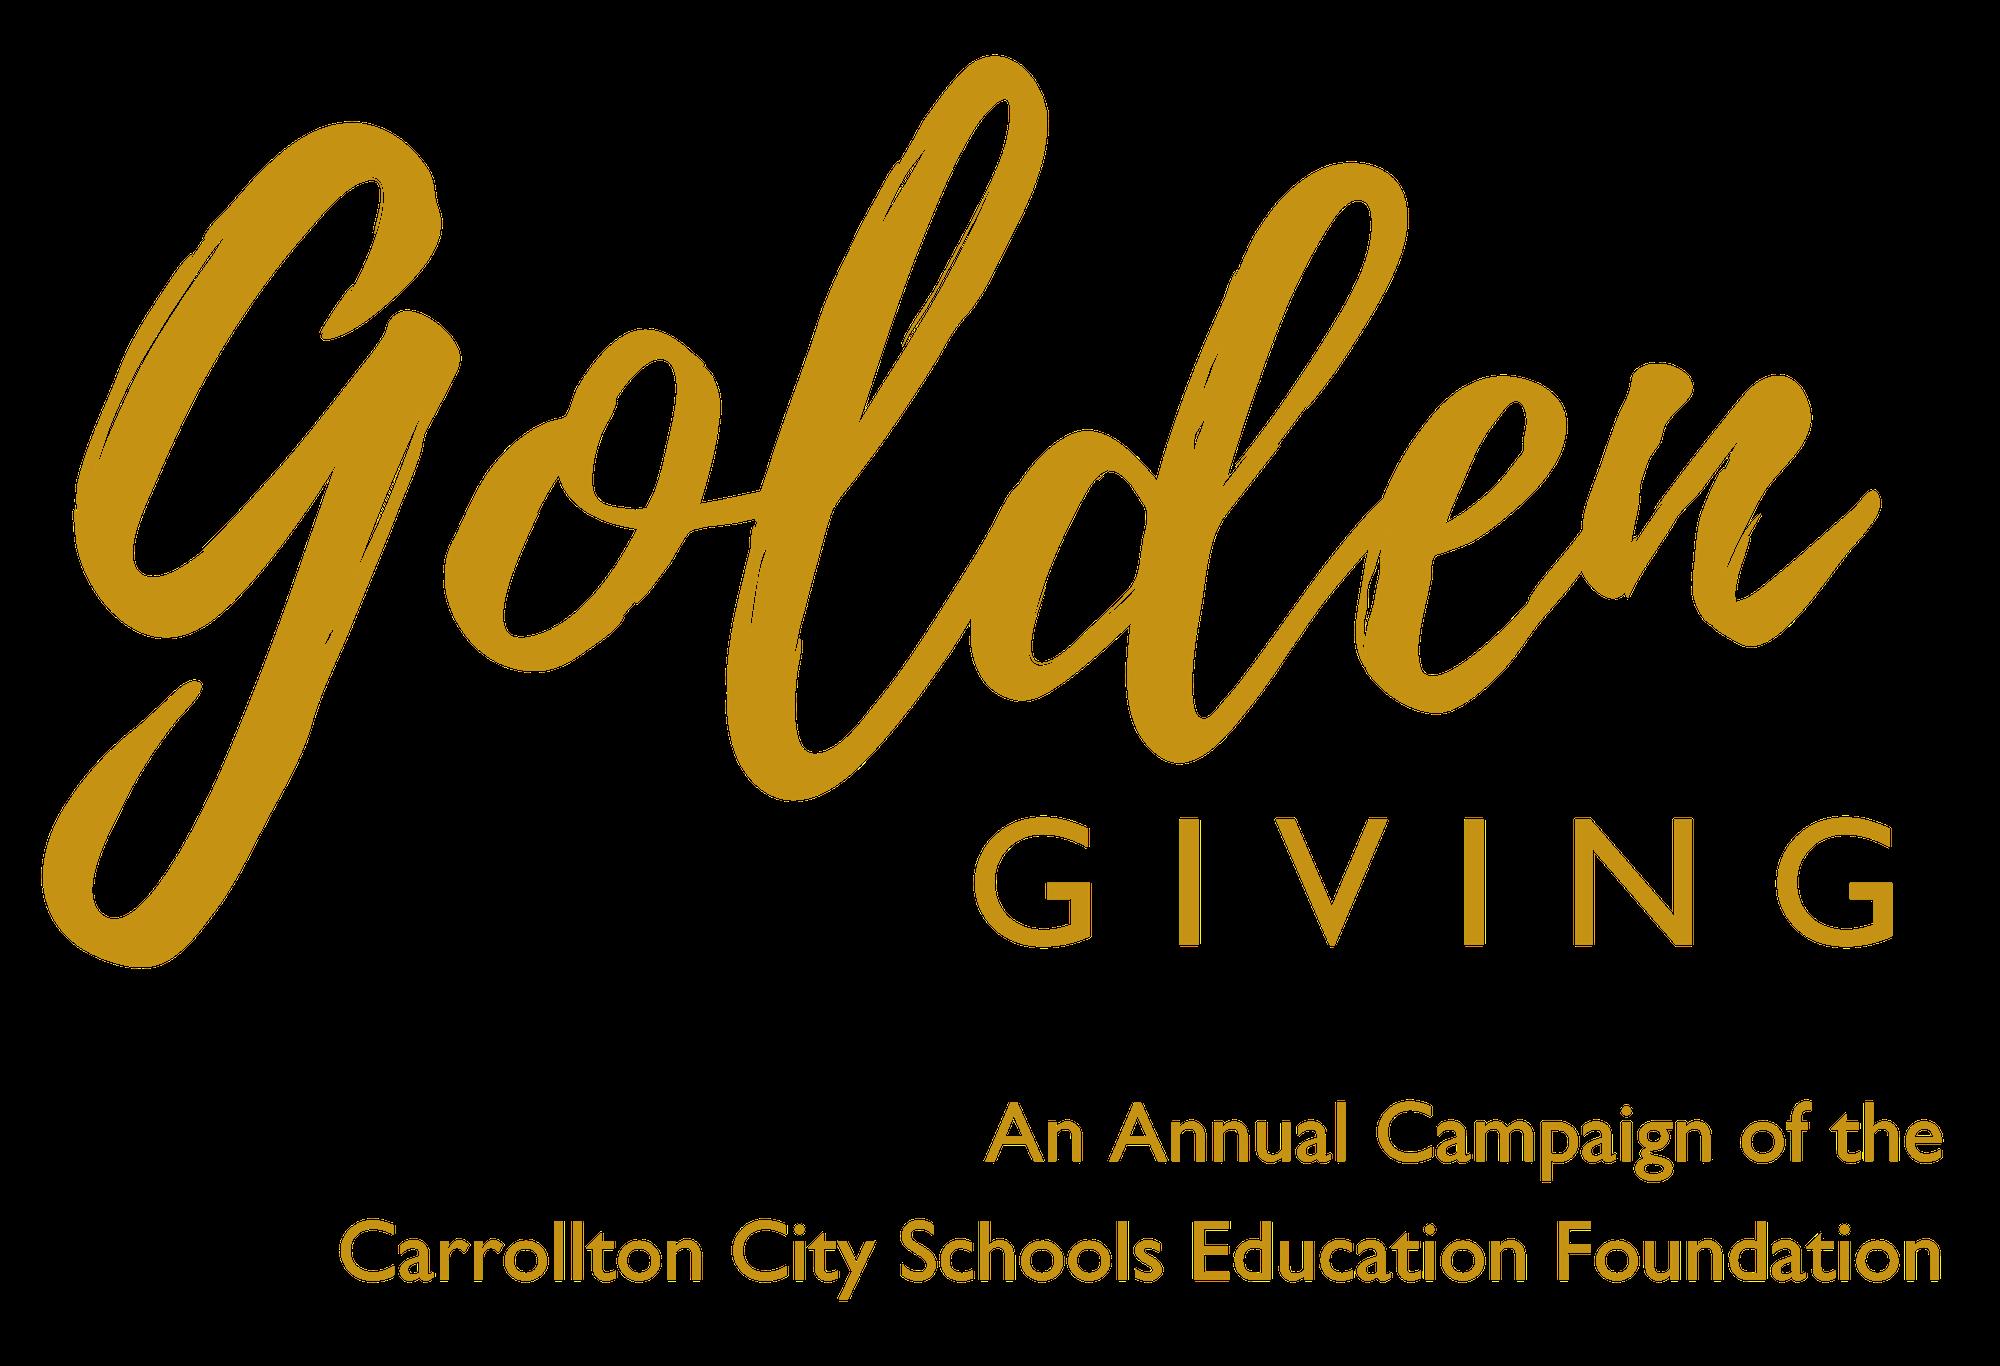 Golden Giving Campaign - Carrollton City Schools